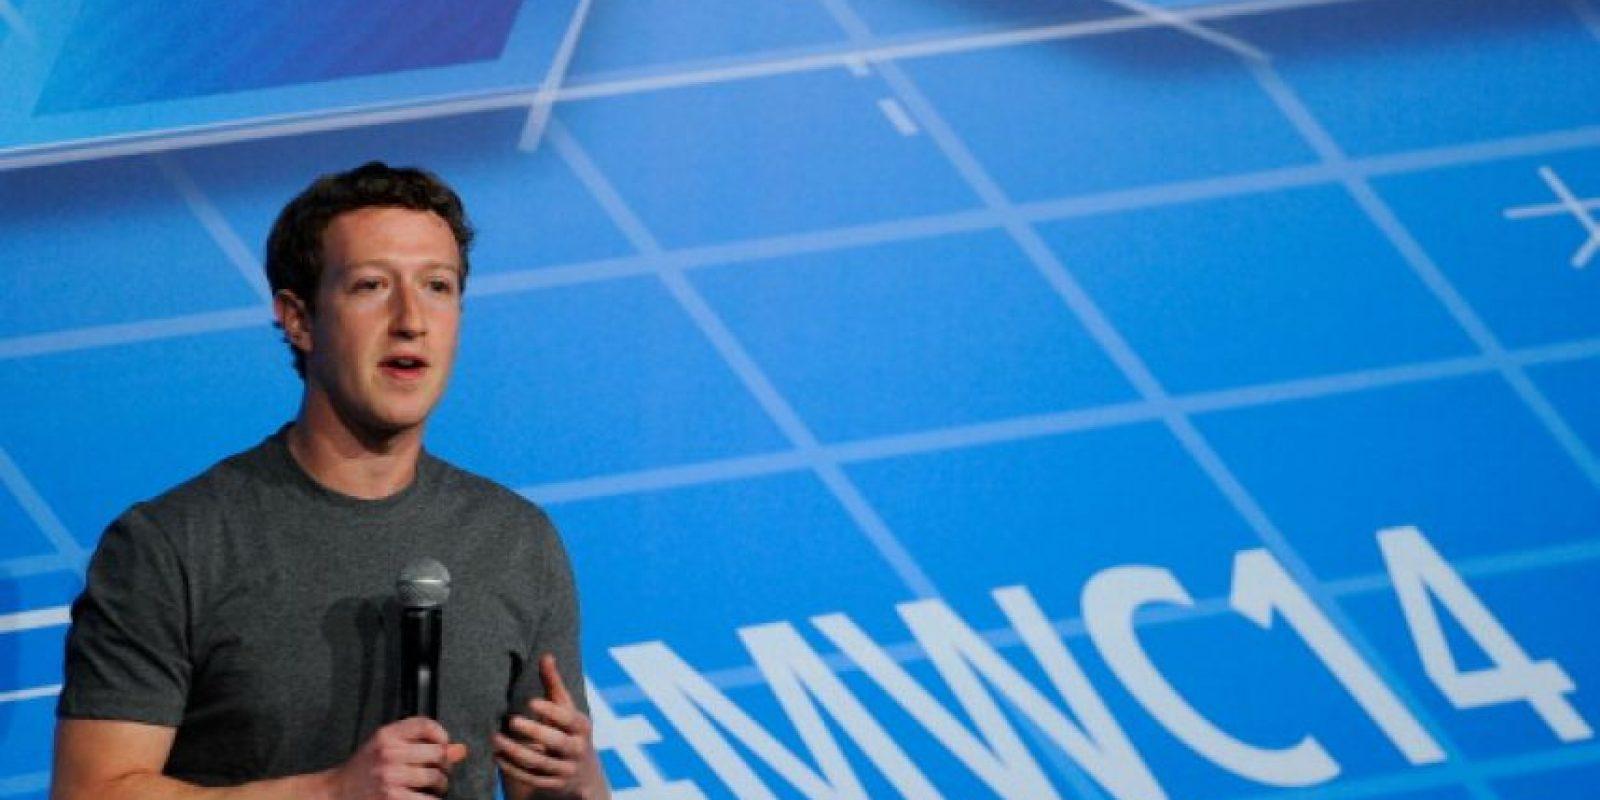 """""""¿Cuál es el mejor consejo que puede darle a los jóvenes que tienen ideas para cambiar el mundo?, el CEO de Facebook dijo: """"Lo más importante es tener fe y confiar en sí mismos. Cuando eres joven escuchas que no tienes experiencia para hacer las cosas, que hay personas mejor preparadas. Yo inicié Facebook cuando tenía 19 años"""". Foto:Getty Images"""